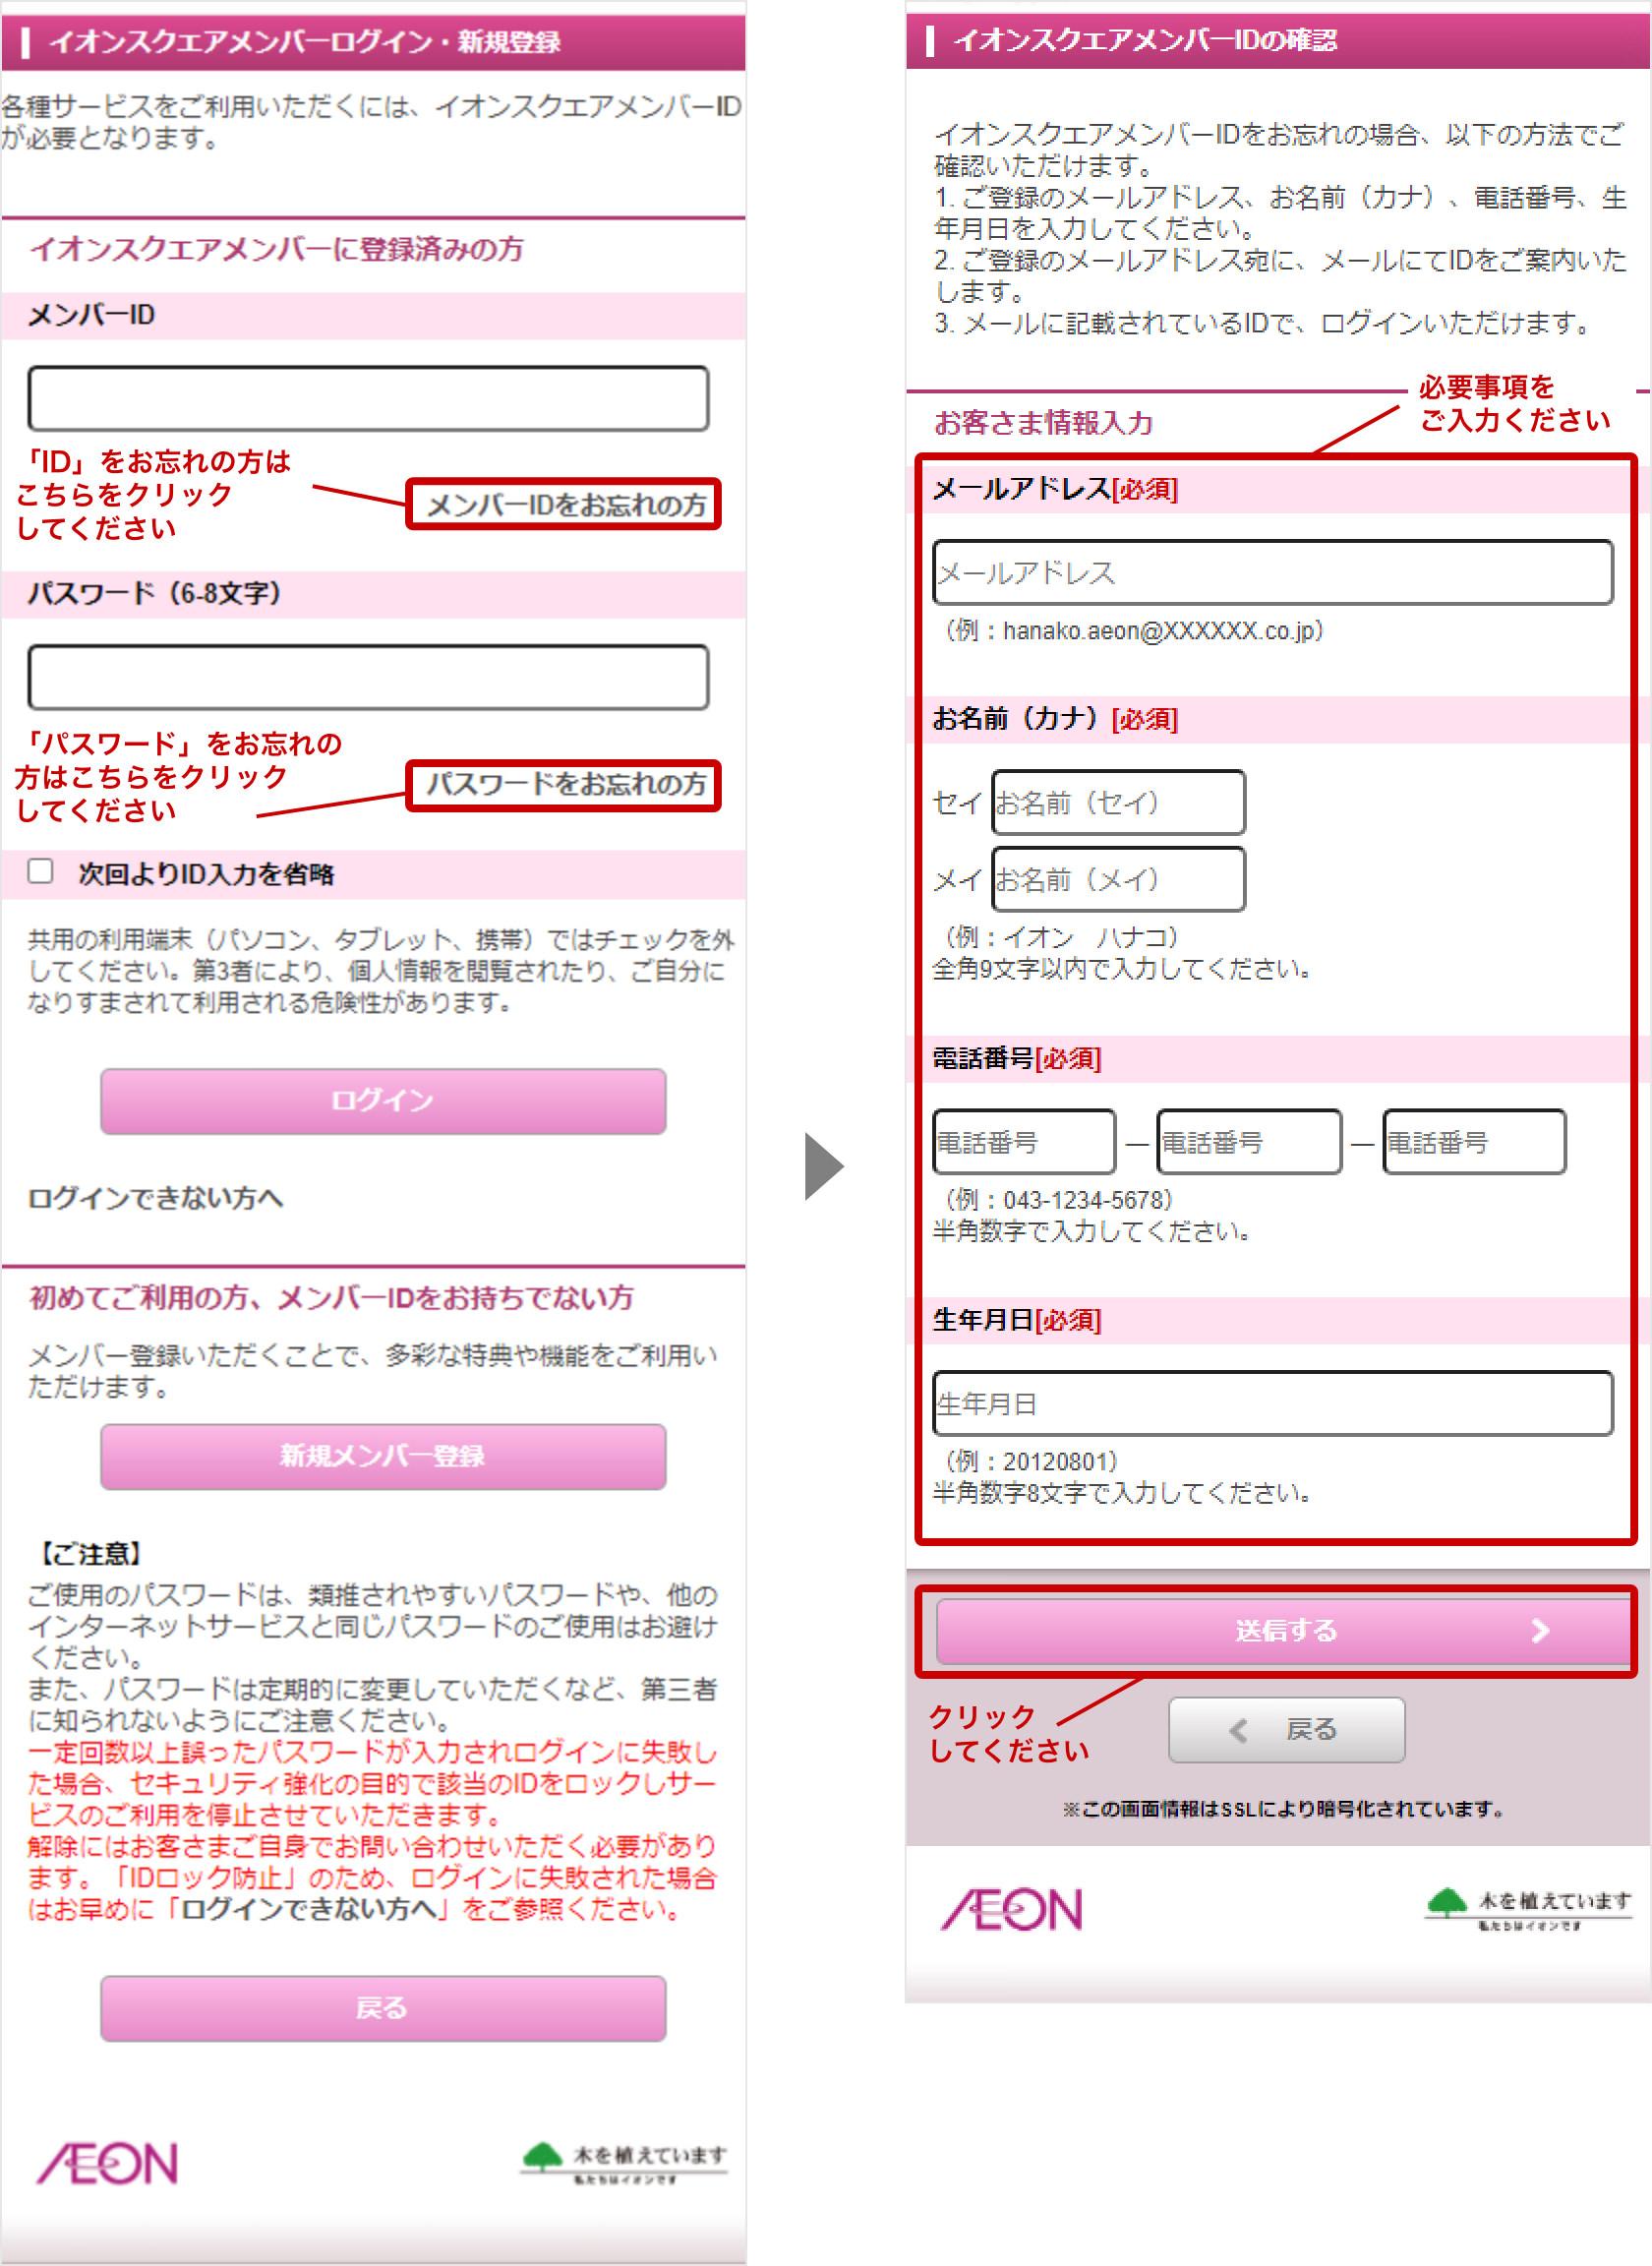 説明画像:イオンスクエアメンバー ログイン・新規登録画面より、メンバーIDをお忘れの方(またはパスワードの方)をクリックし、必須事項を入力したのち送信ボタンを押すことで、メールにてログイン情報をお送りいたします。